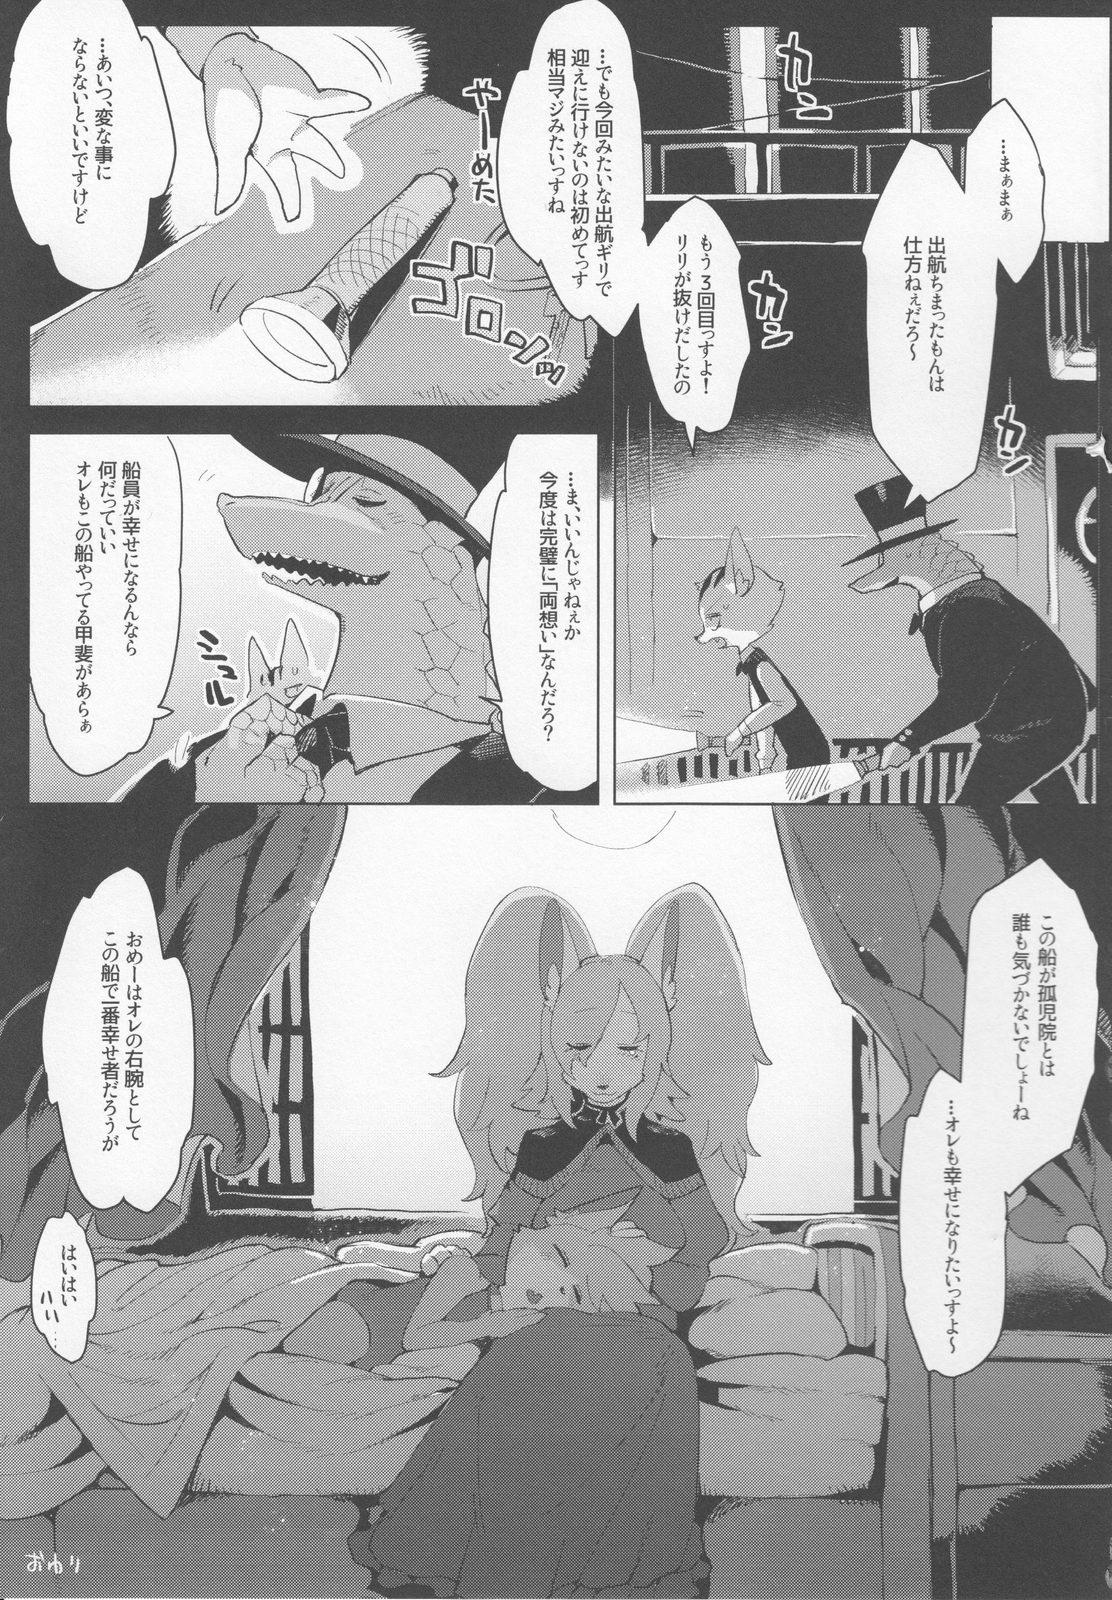 【エロ同人誌】人妻メスケモがケモショタだらけの男娼旅客船でハメを外しまくりwww【オリジナル/C92】